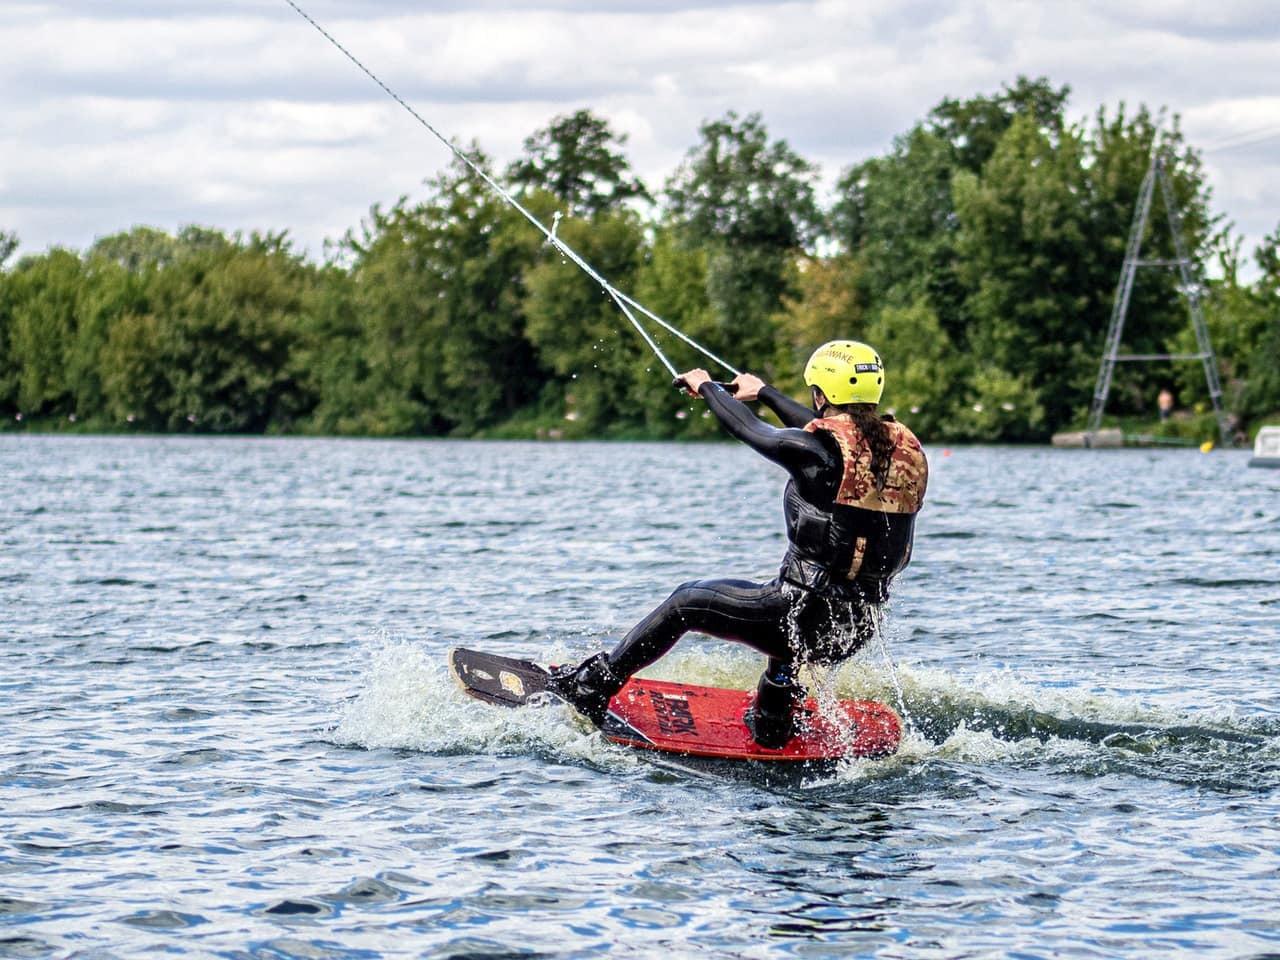 極速滑水 船P不可分割海上活動推介,讓你玩轉盛夏 Kama Delivery到會外賣服務